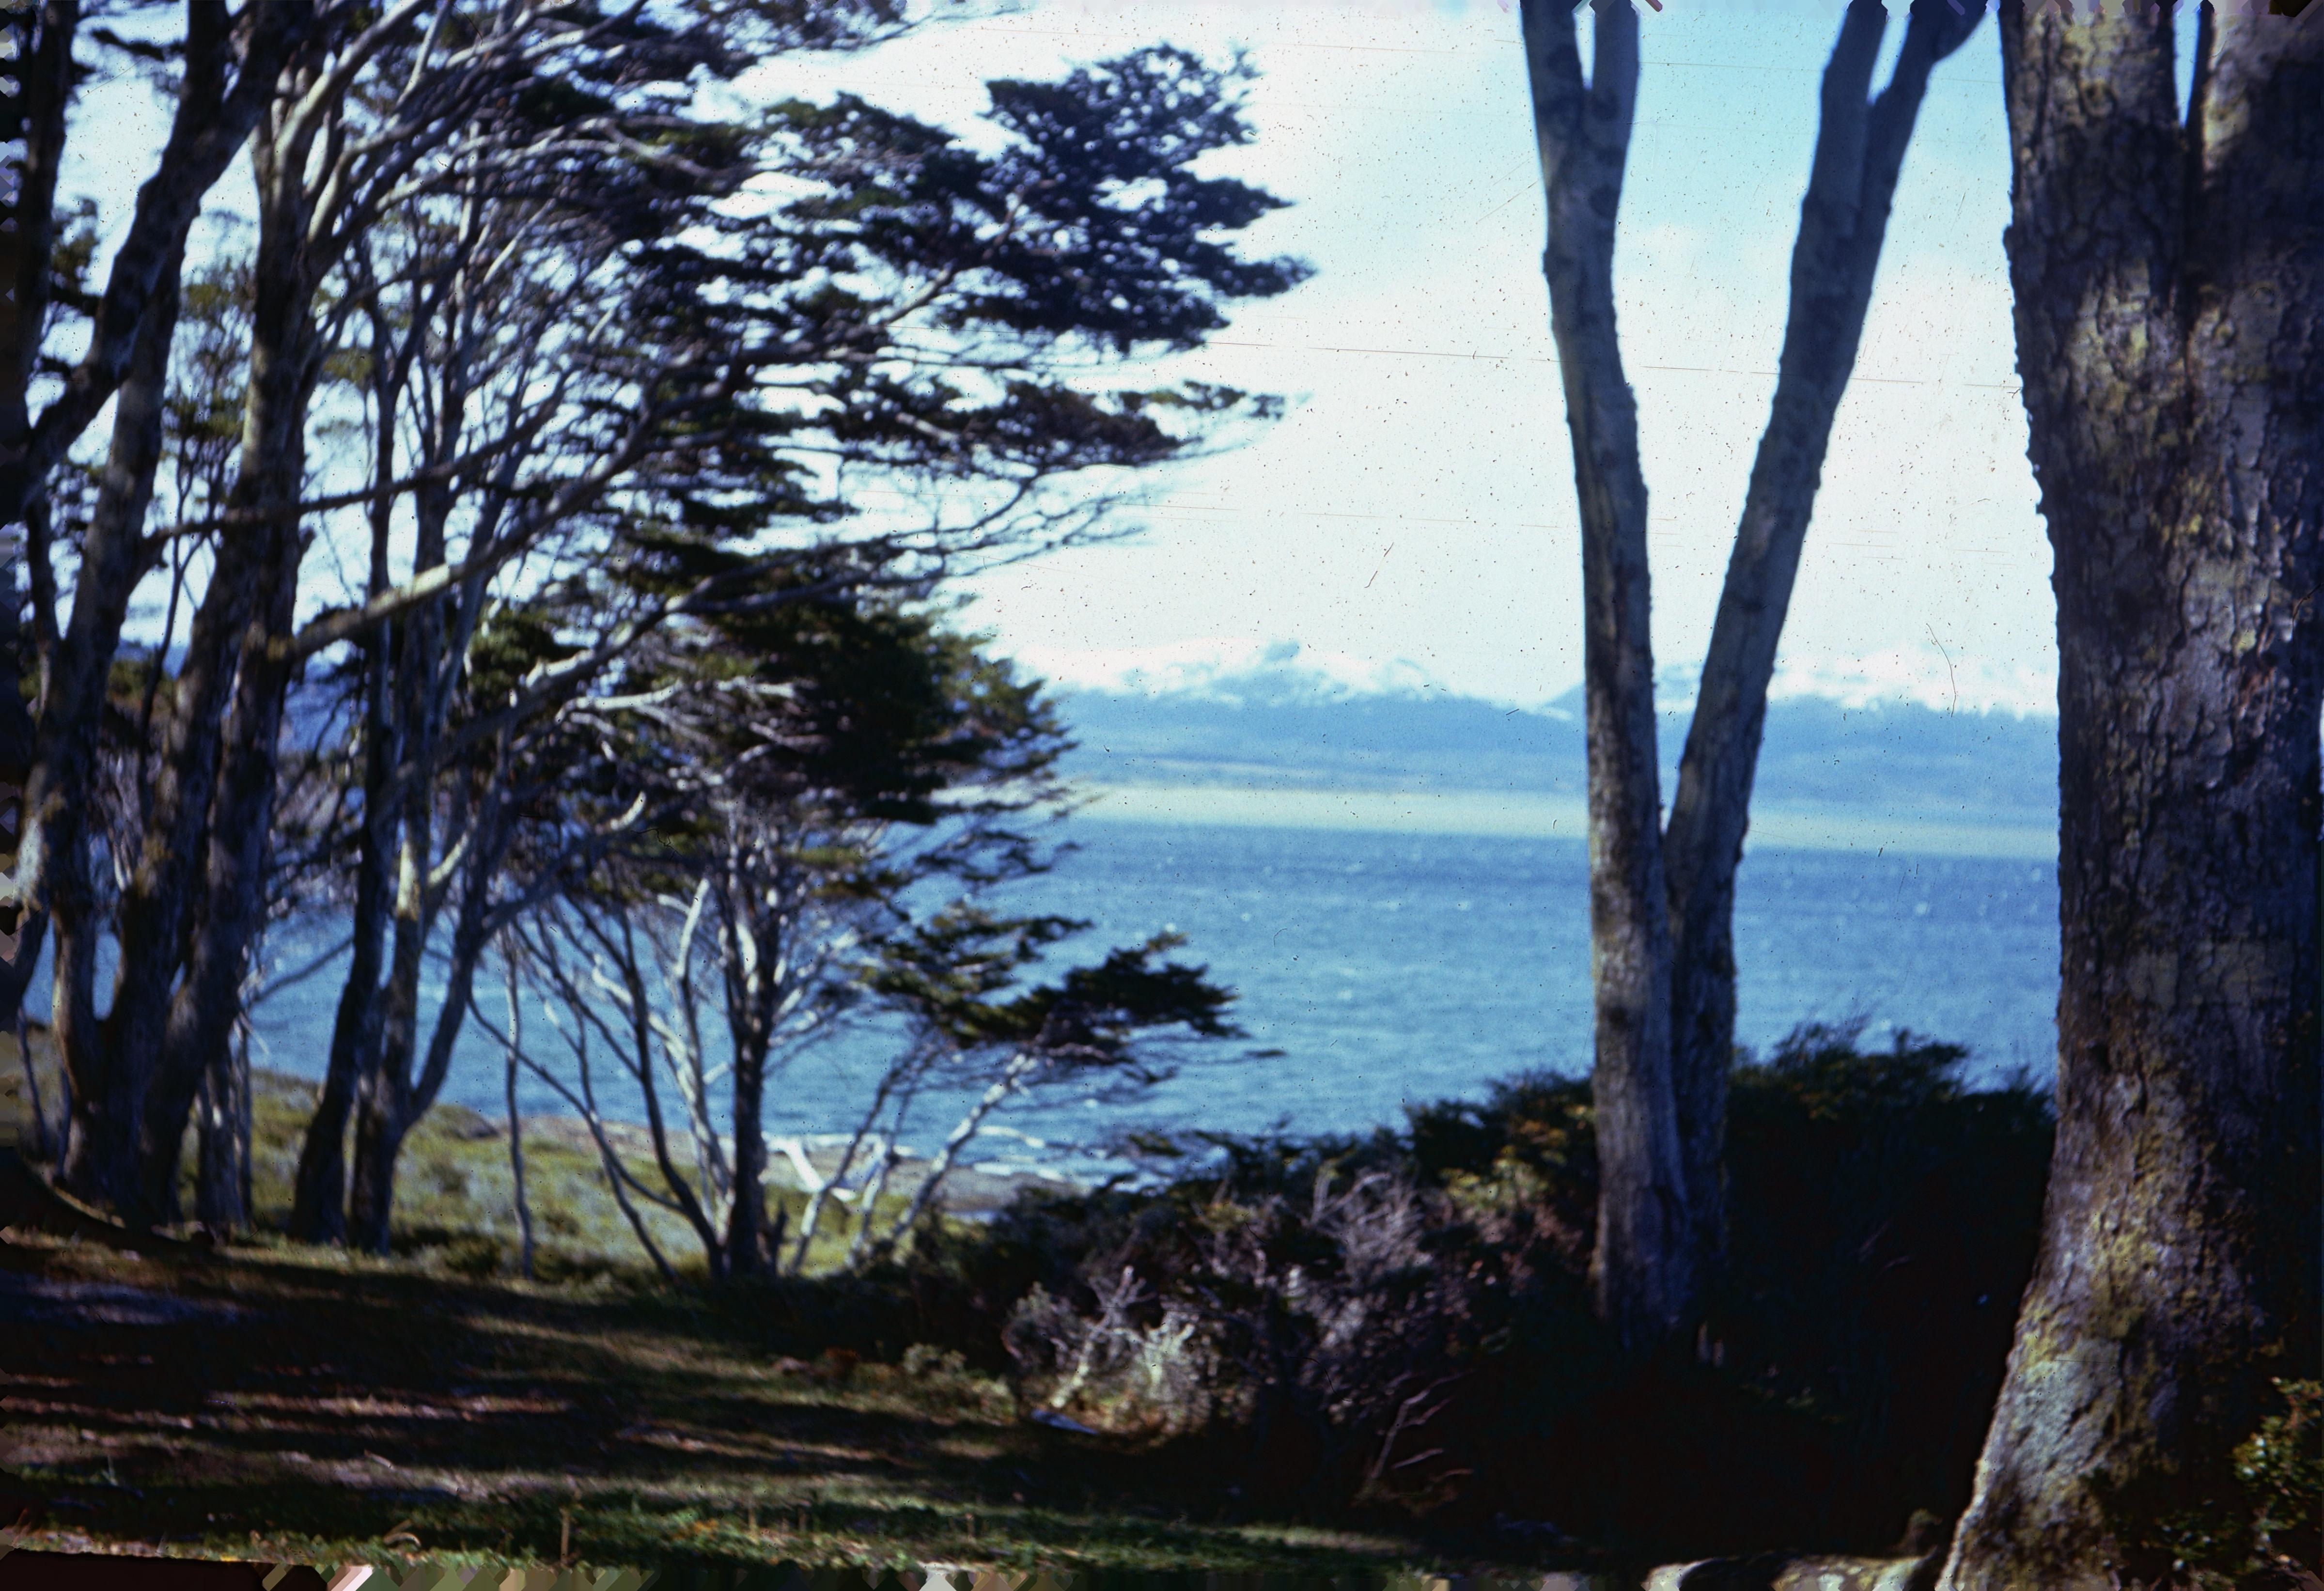 Enterreno - Fotos históricas de chile - fotos antiguas de Chile - Estrecho de Magallanes en 1967